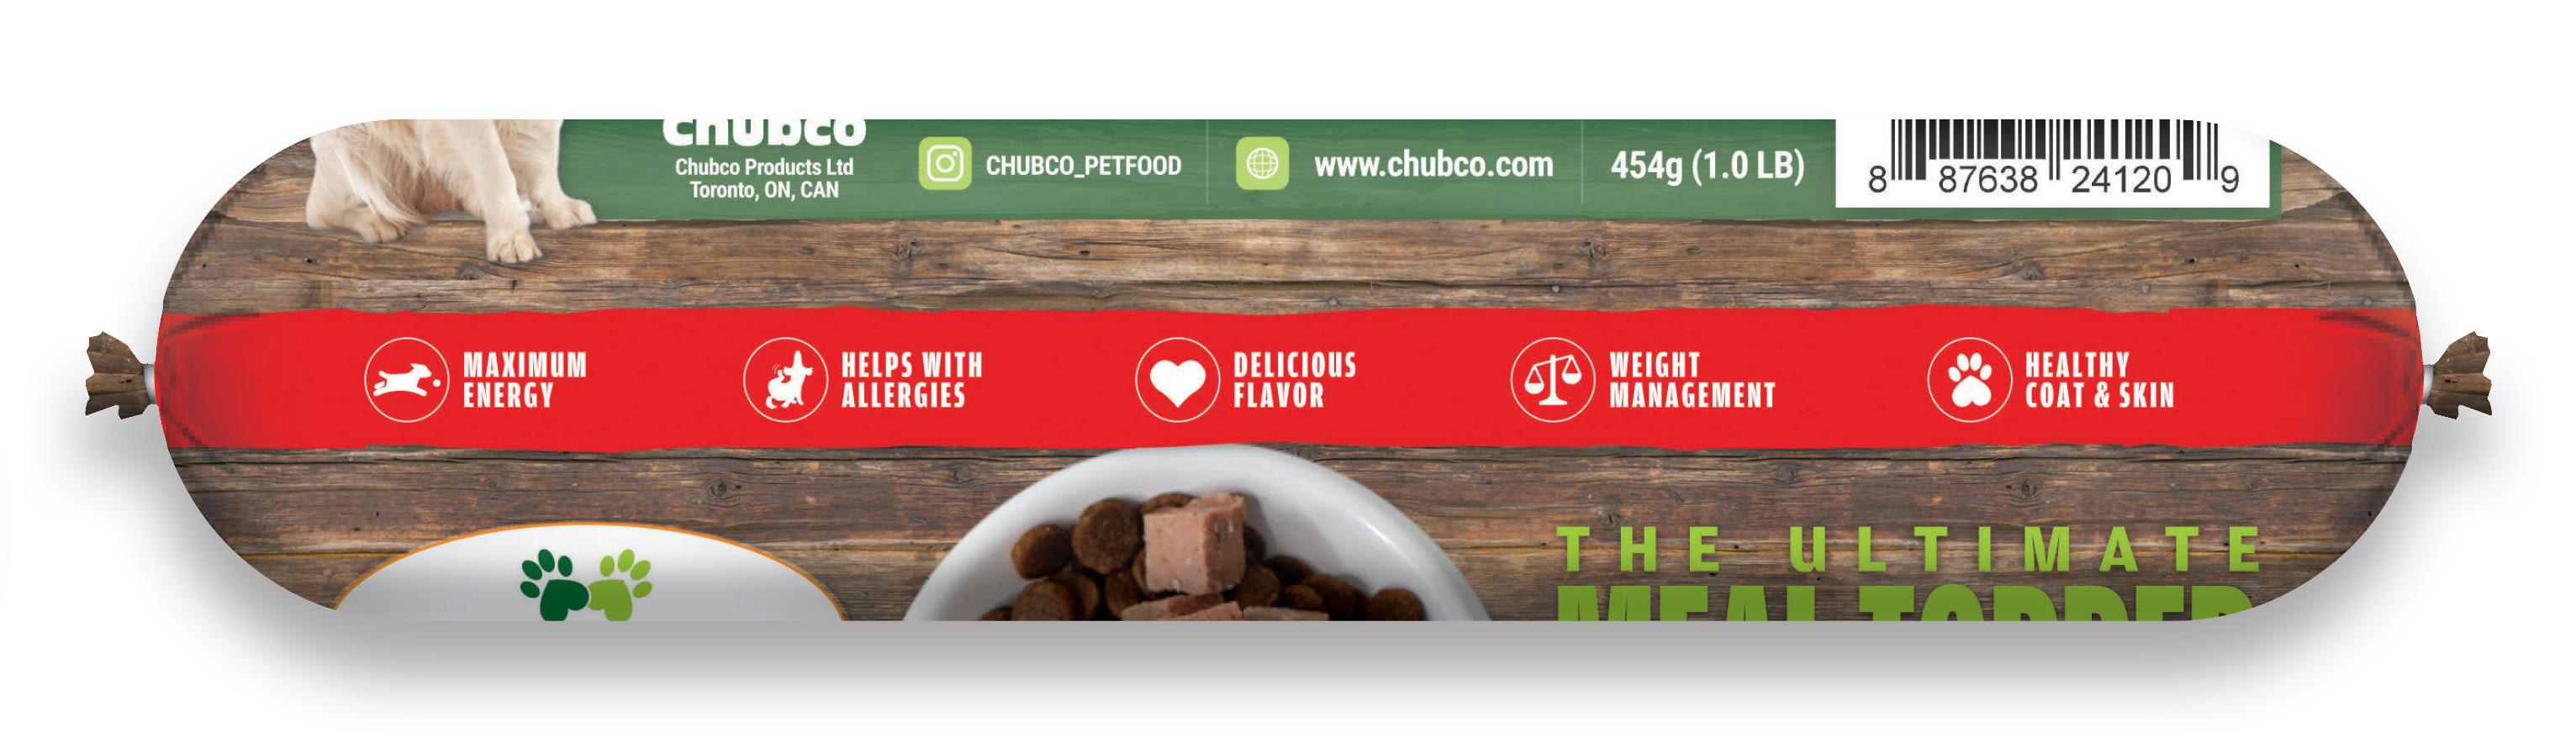 Chub-C-redSide